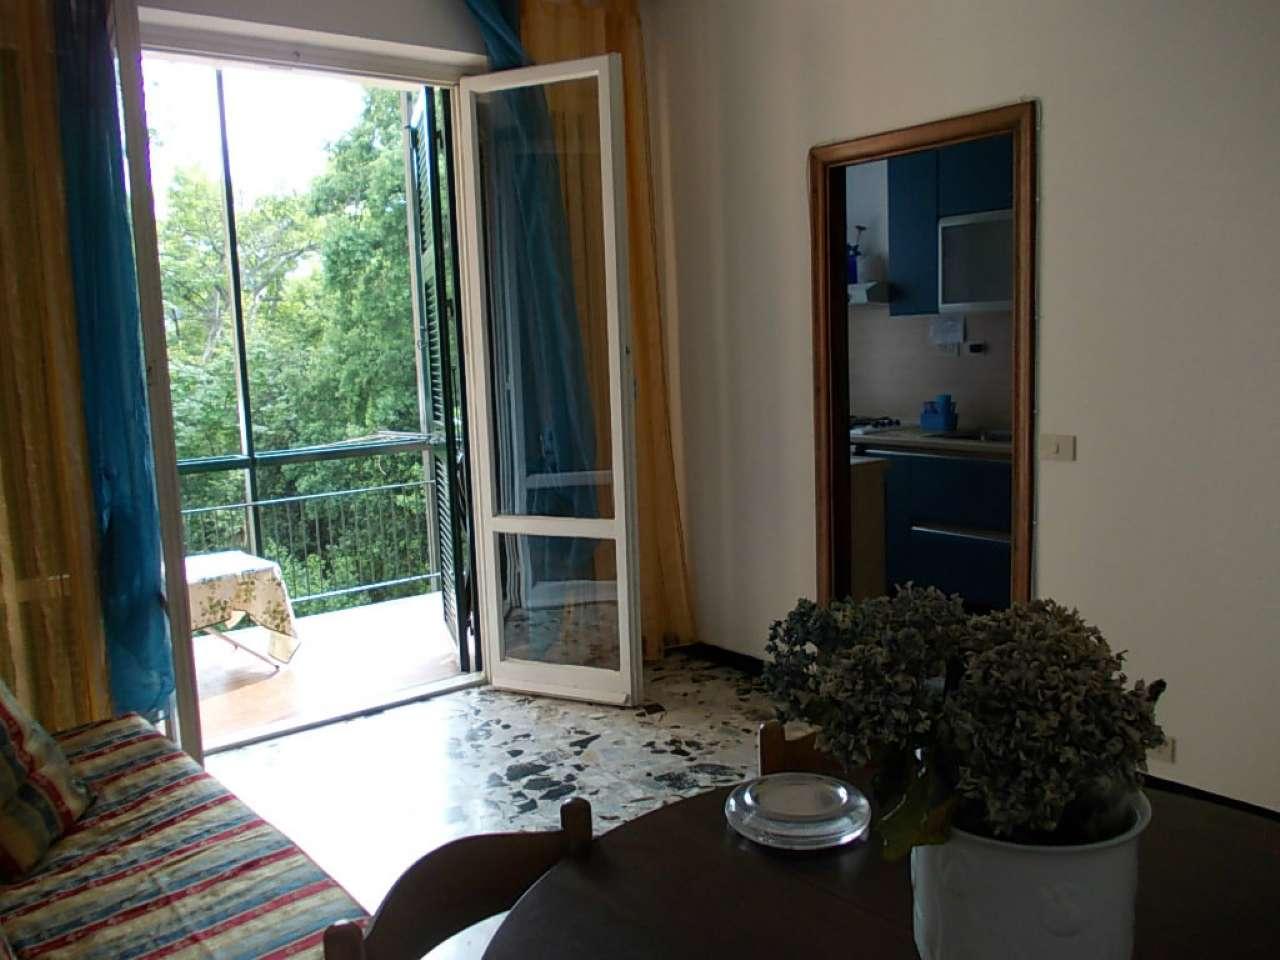 Appartamento affitto sestri levante via nazionale 80 mq - Fideiussione bancaria o assicurativa acquisto casa ...